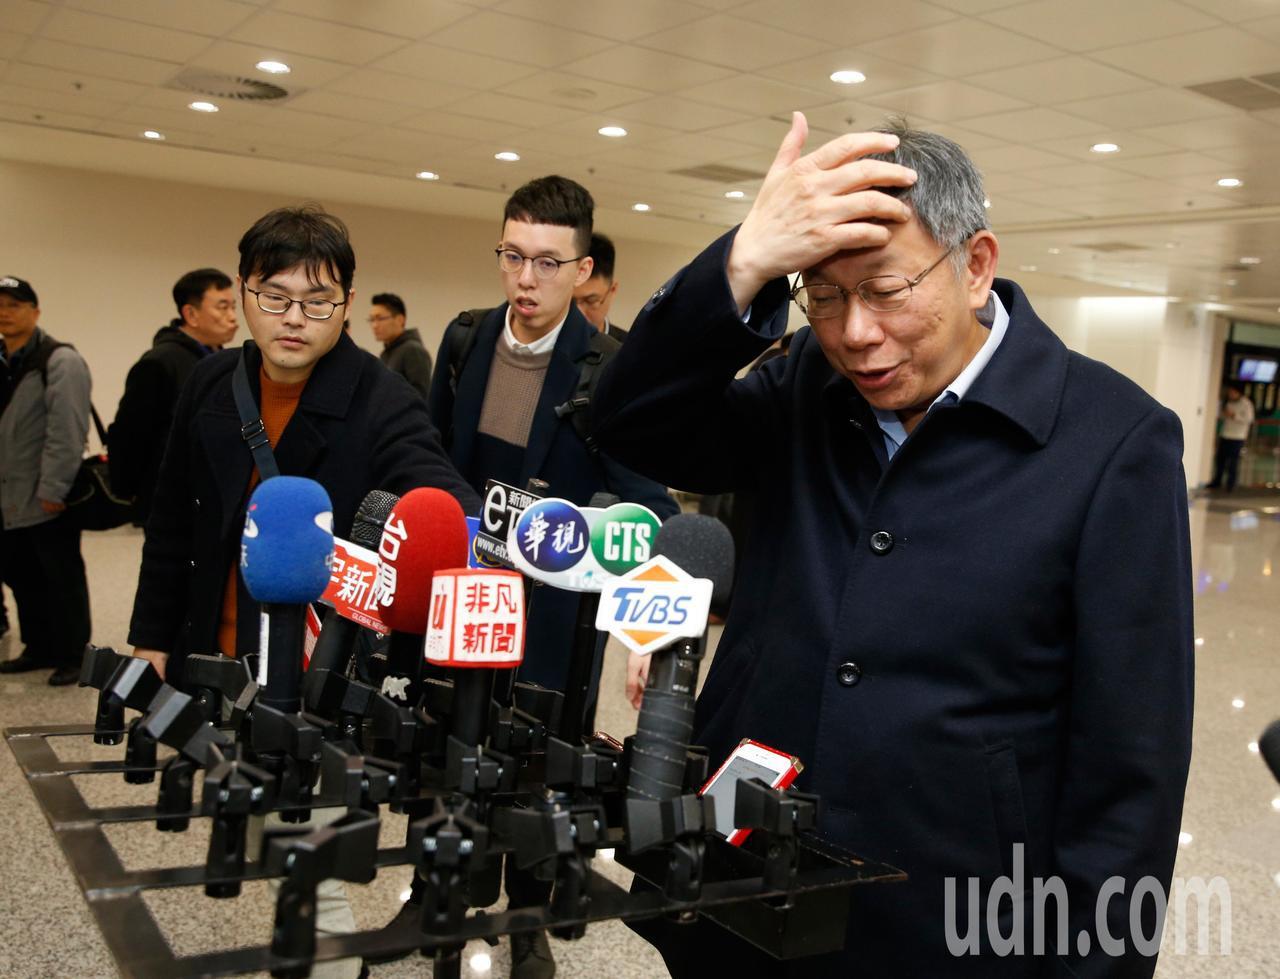 台北市長柯文哲晚上搭機前往以色列參加全球市長會議,將參訪魏茲曼科學院 、新創產業...